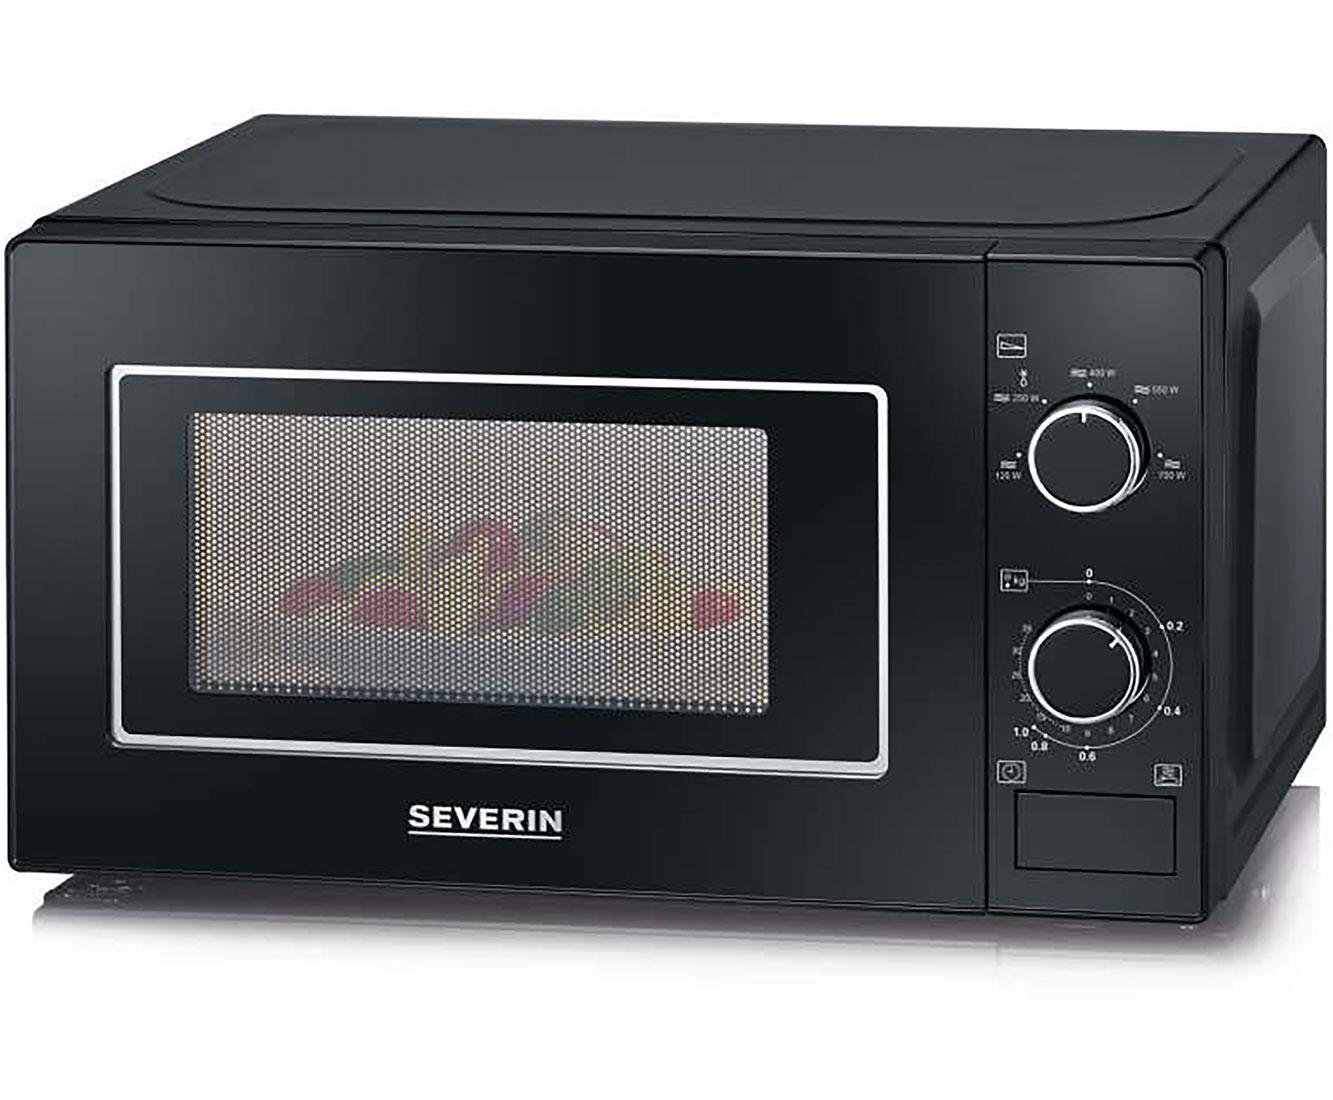 Severin MW 7897 Mikrowellen - Schwarz | Küche und Esszimmer > Küchenelektrogeräte > Mikrowellen | Schwarz | Severin